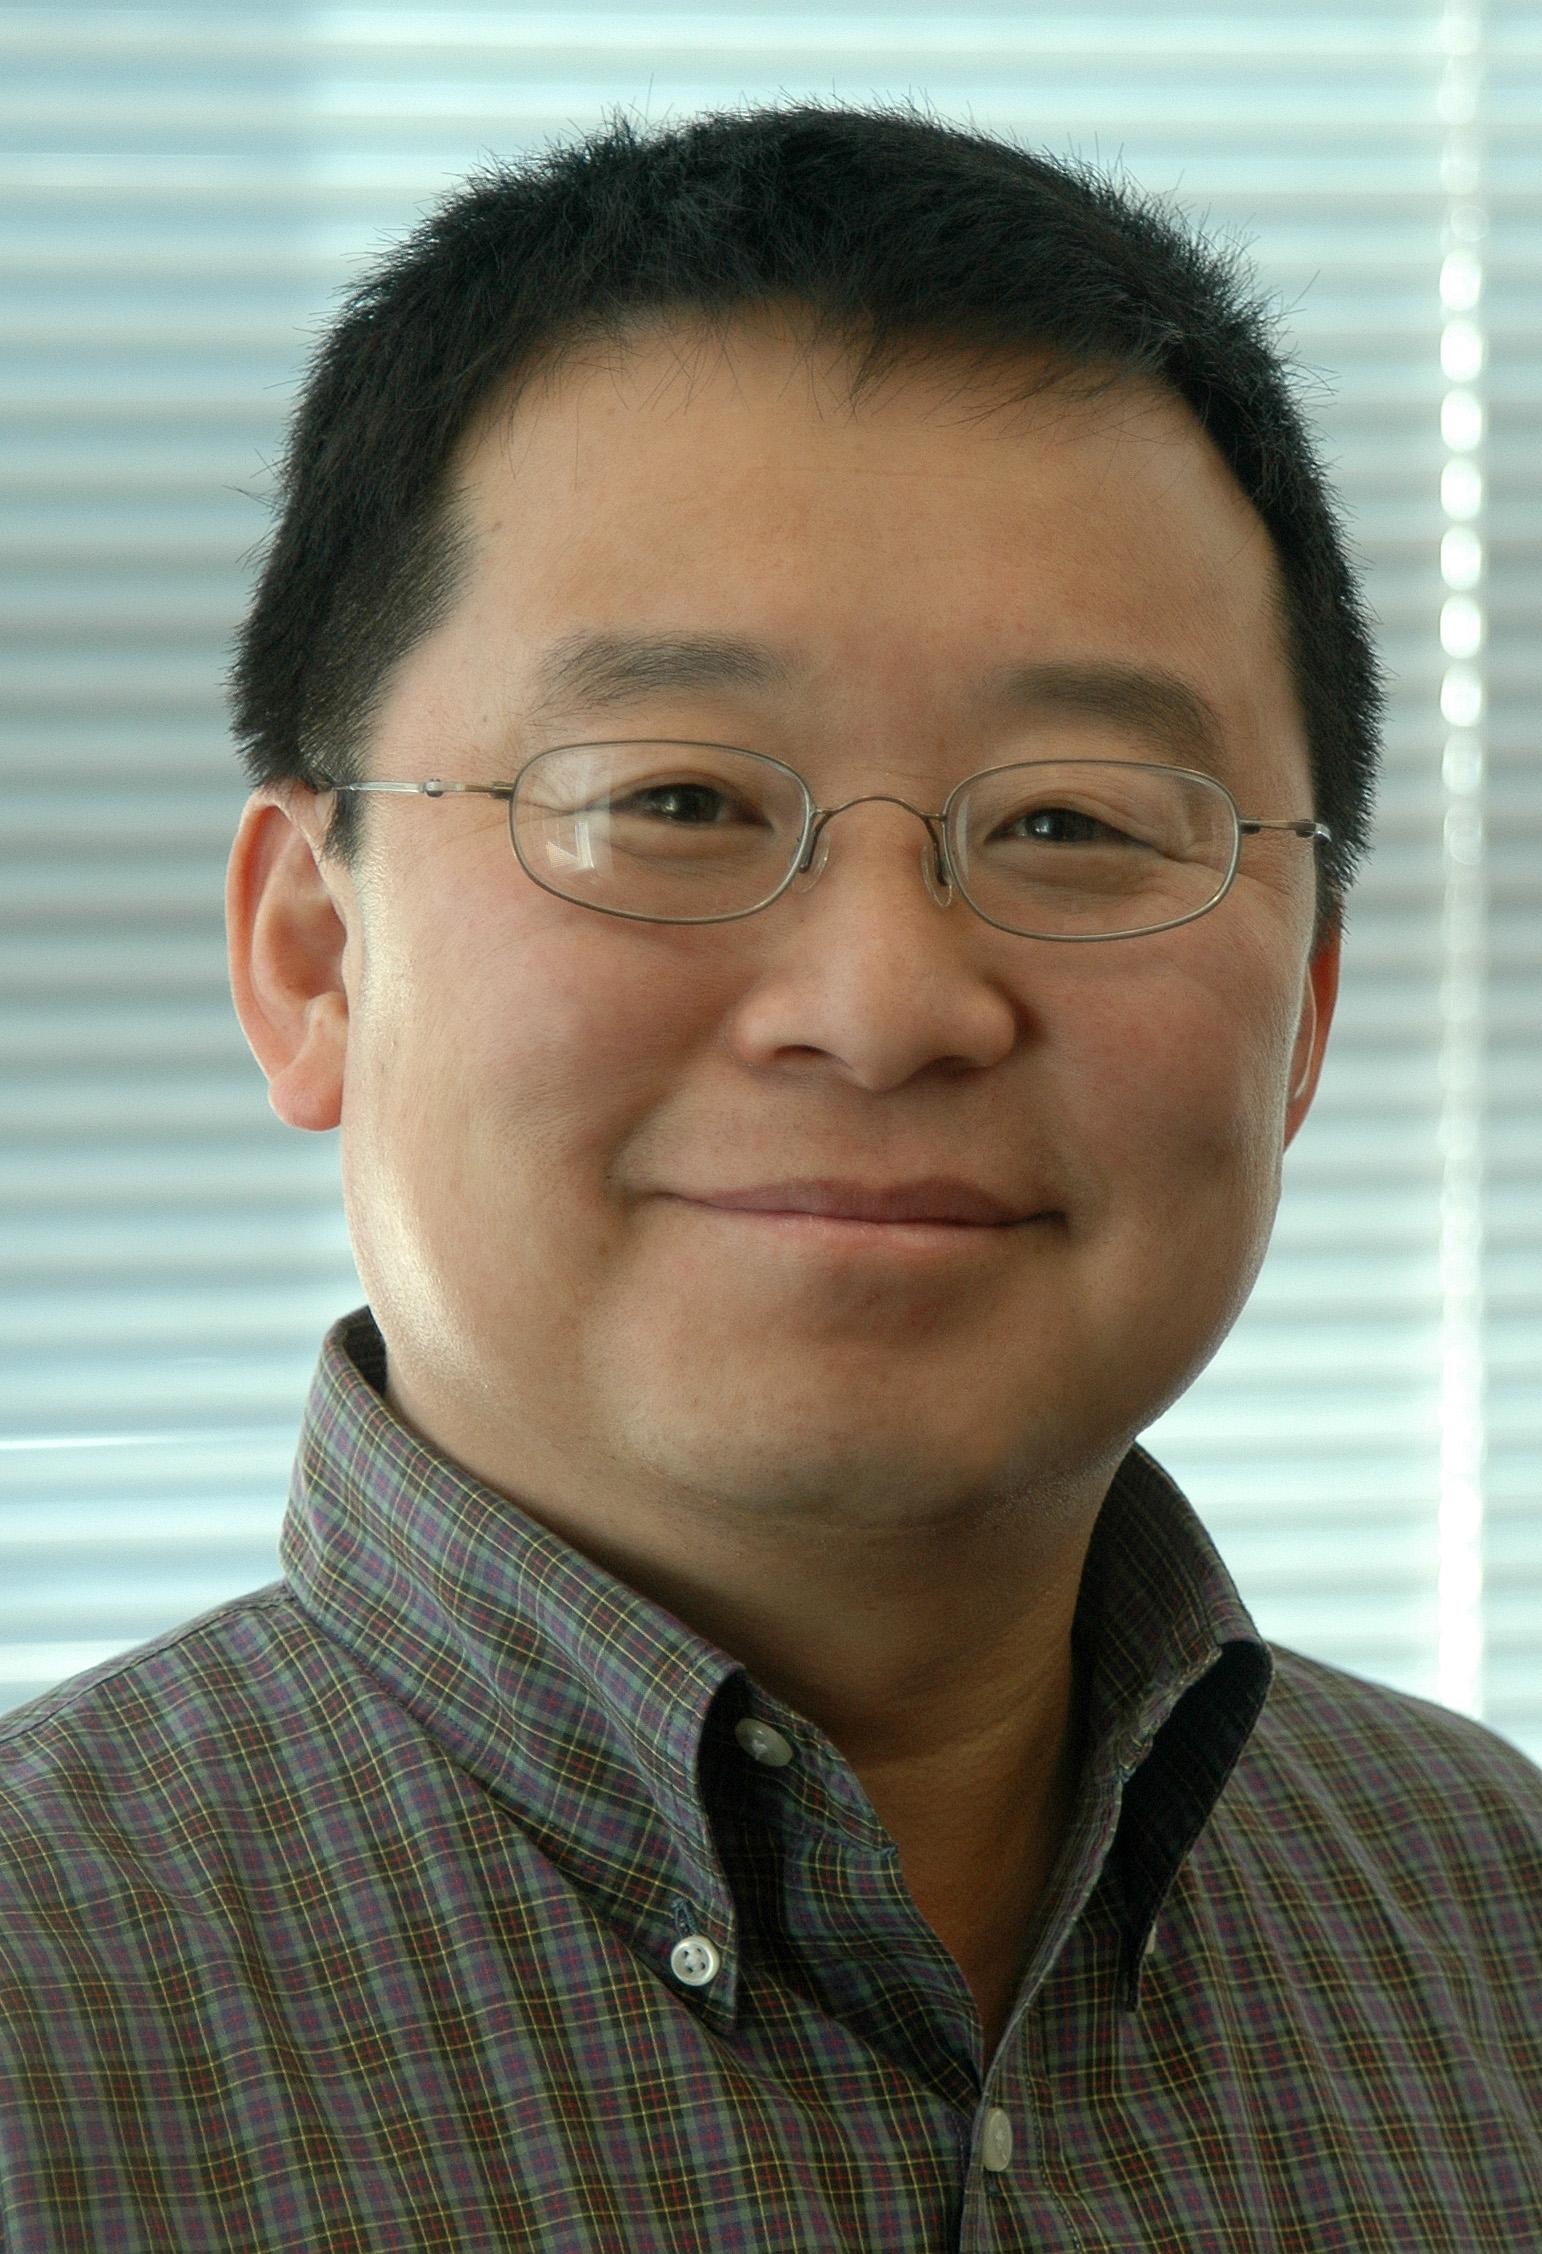 Jae yus home page address stopboris Gallery